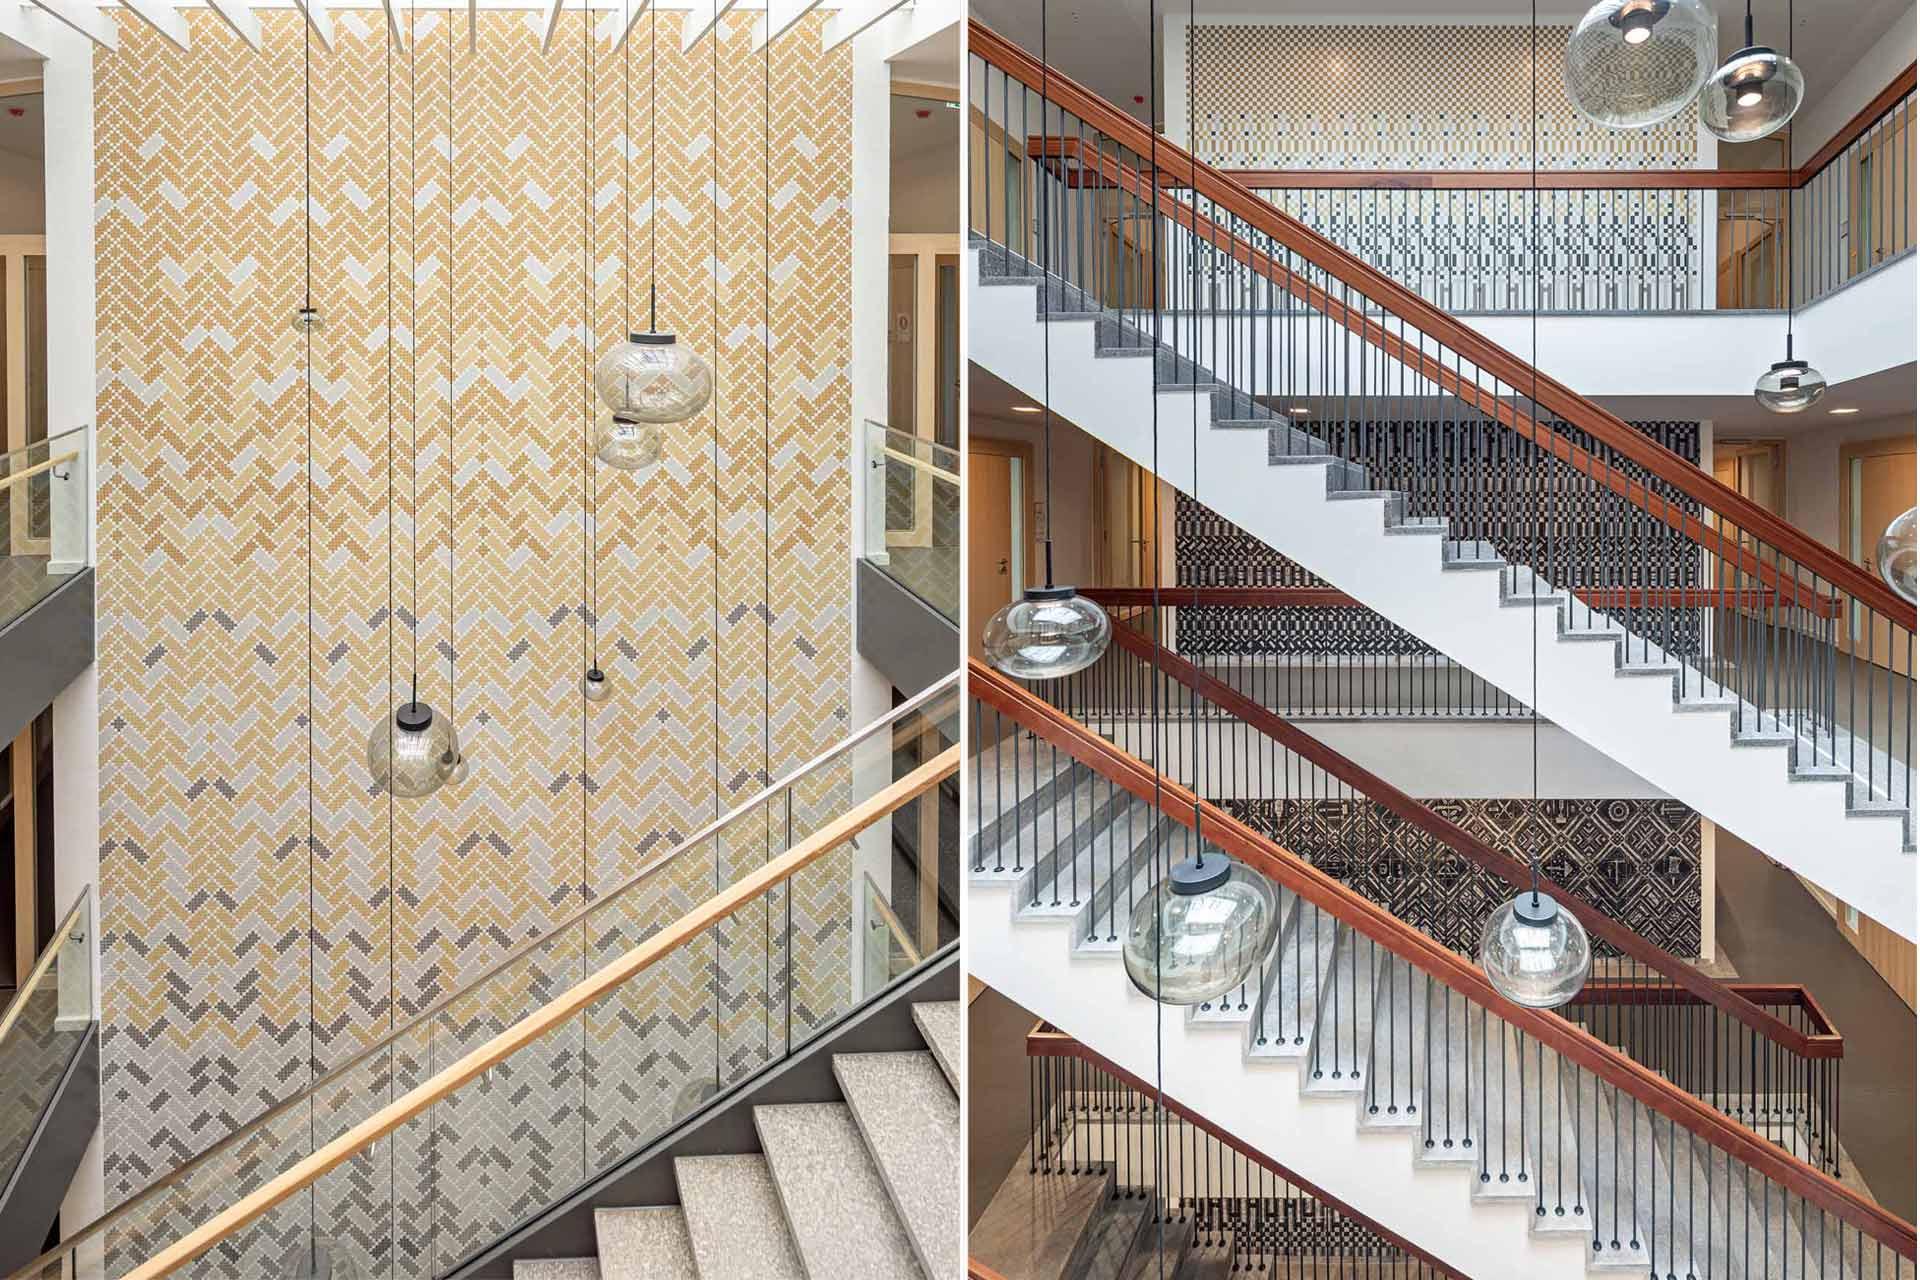 Jugendamt Rosenheim Aldingerarchitekten Treppenhaus und Aufgang